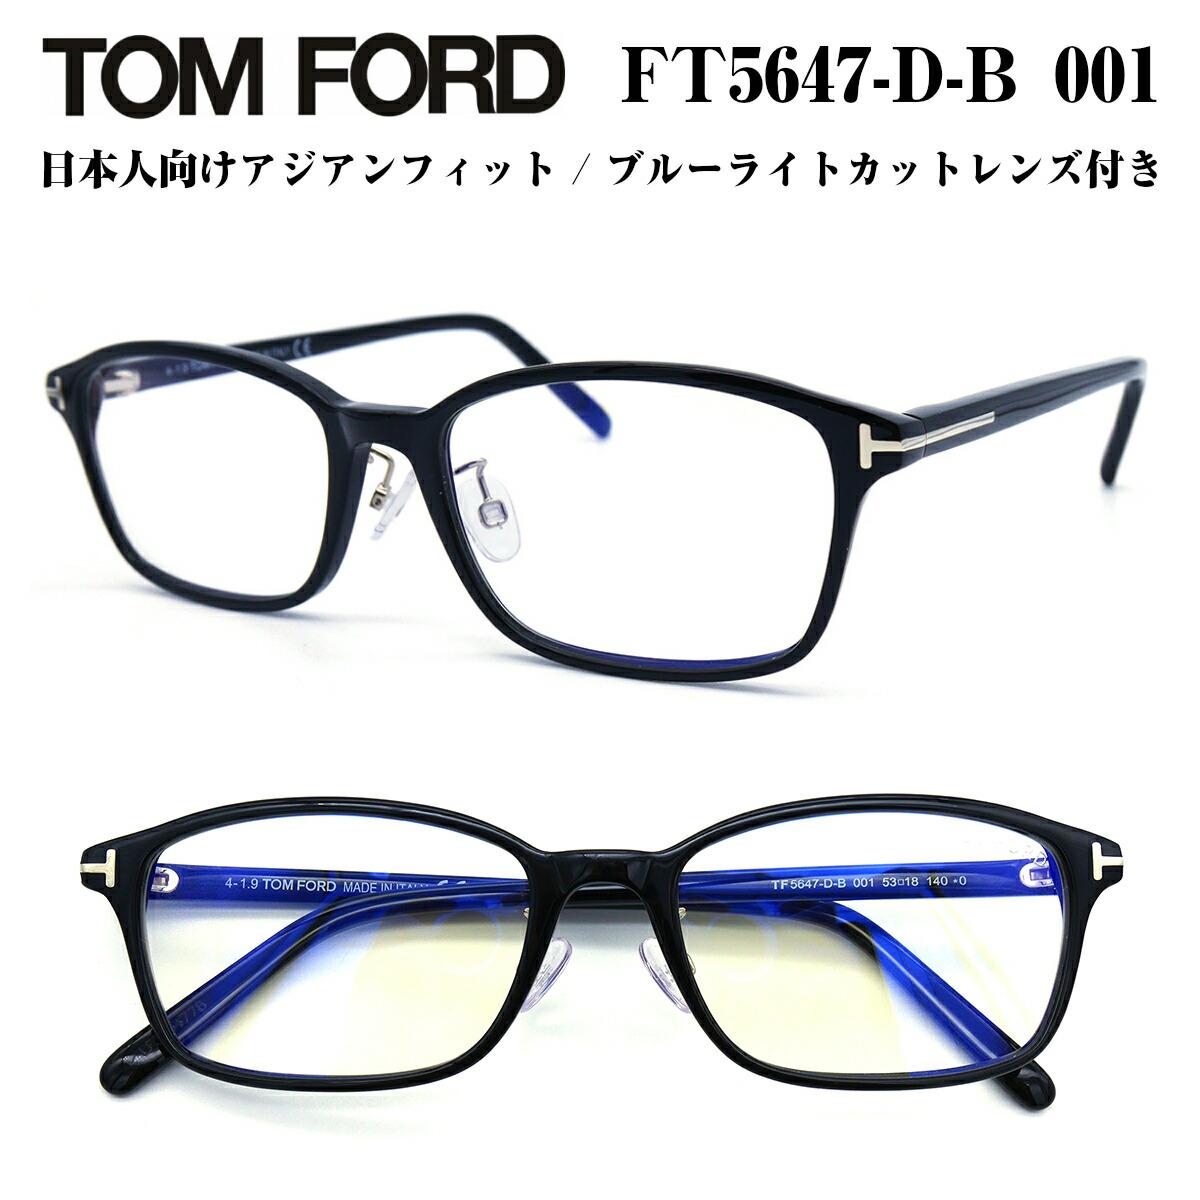 TOM FORD トムフォード FT5647DB-001 (TF5647DB-001) 53 サイズ メガネ 眼鏡 めがね フレーム アジアンフィット ブルーライトカットレンズ付き ダテメガネ 【正規品】 度付き対応 TOMFORD メンズ 男性 おしゃれ 日本企画